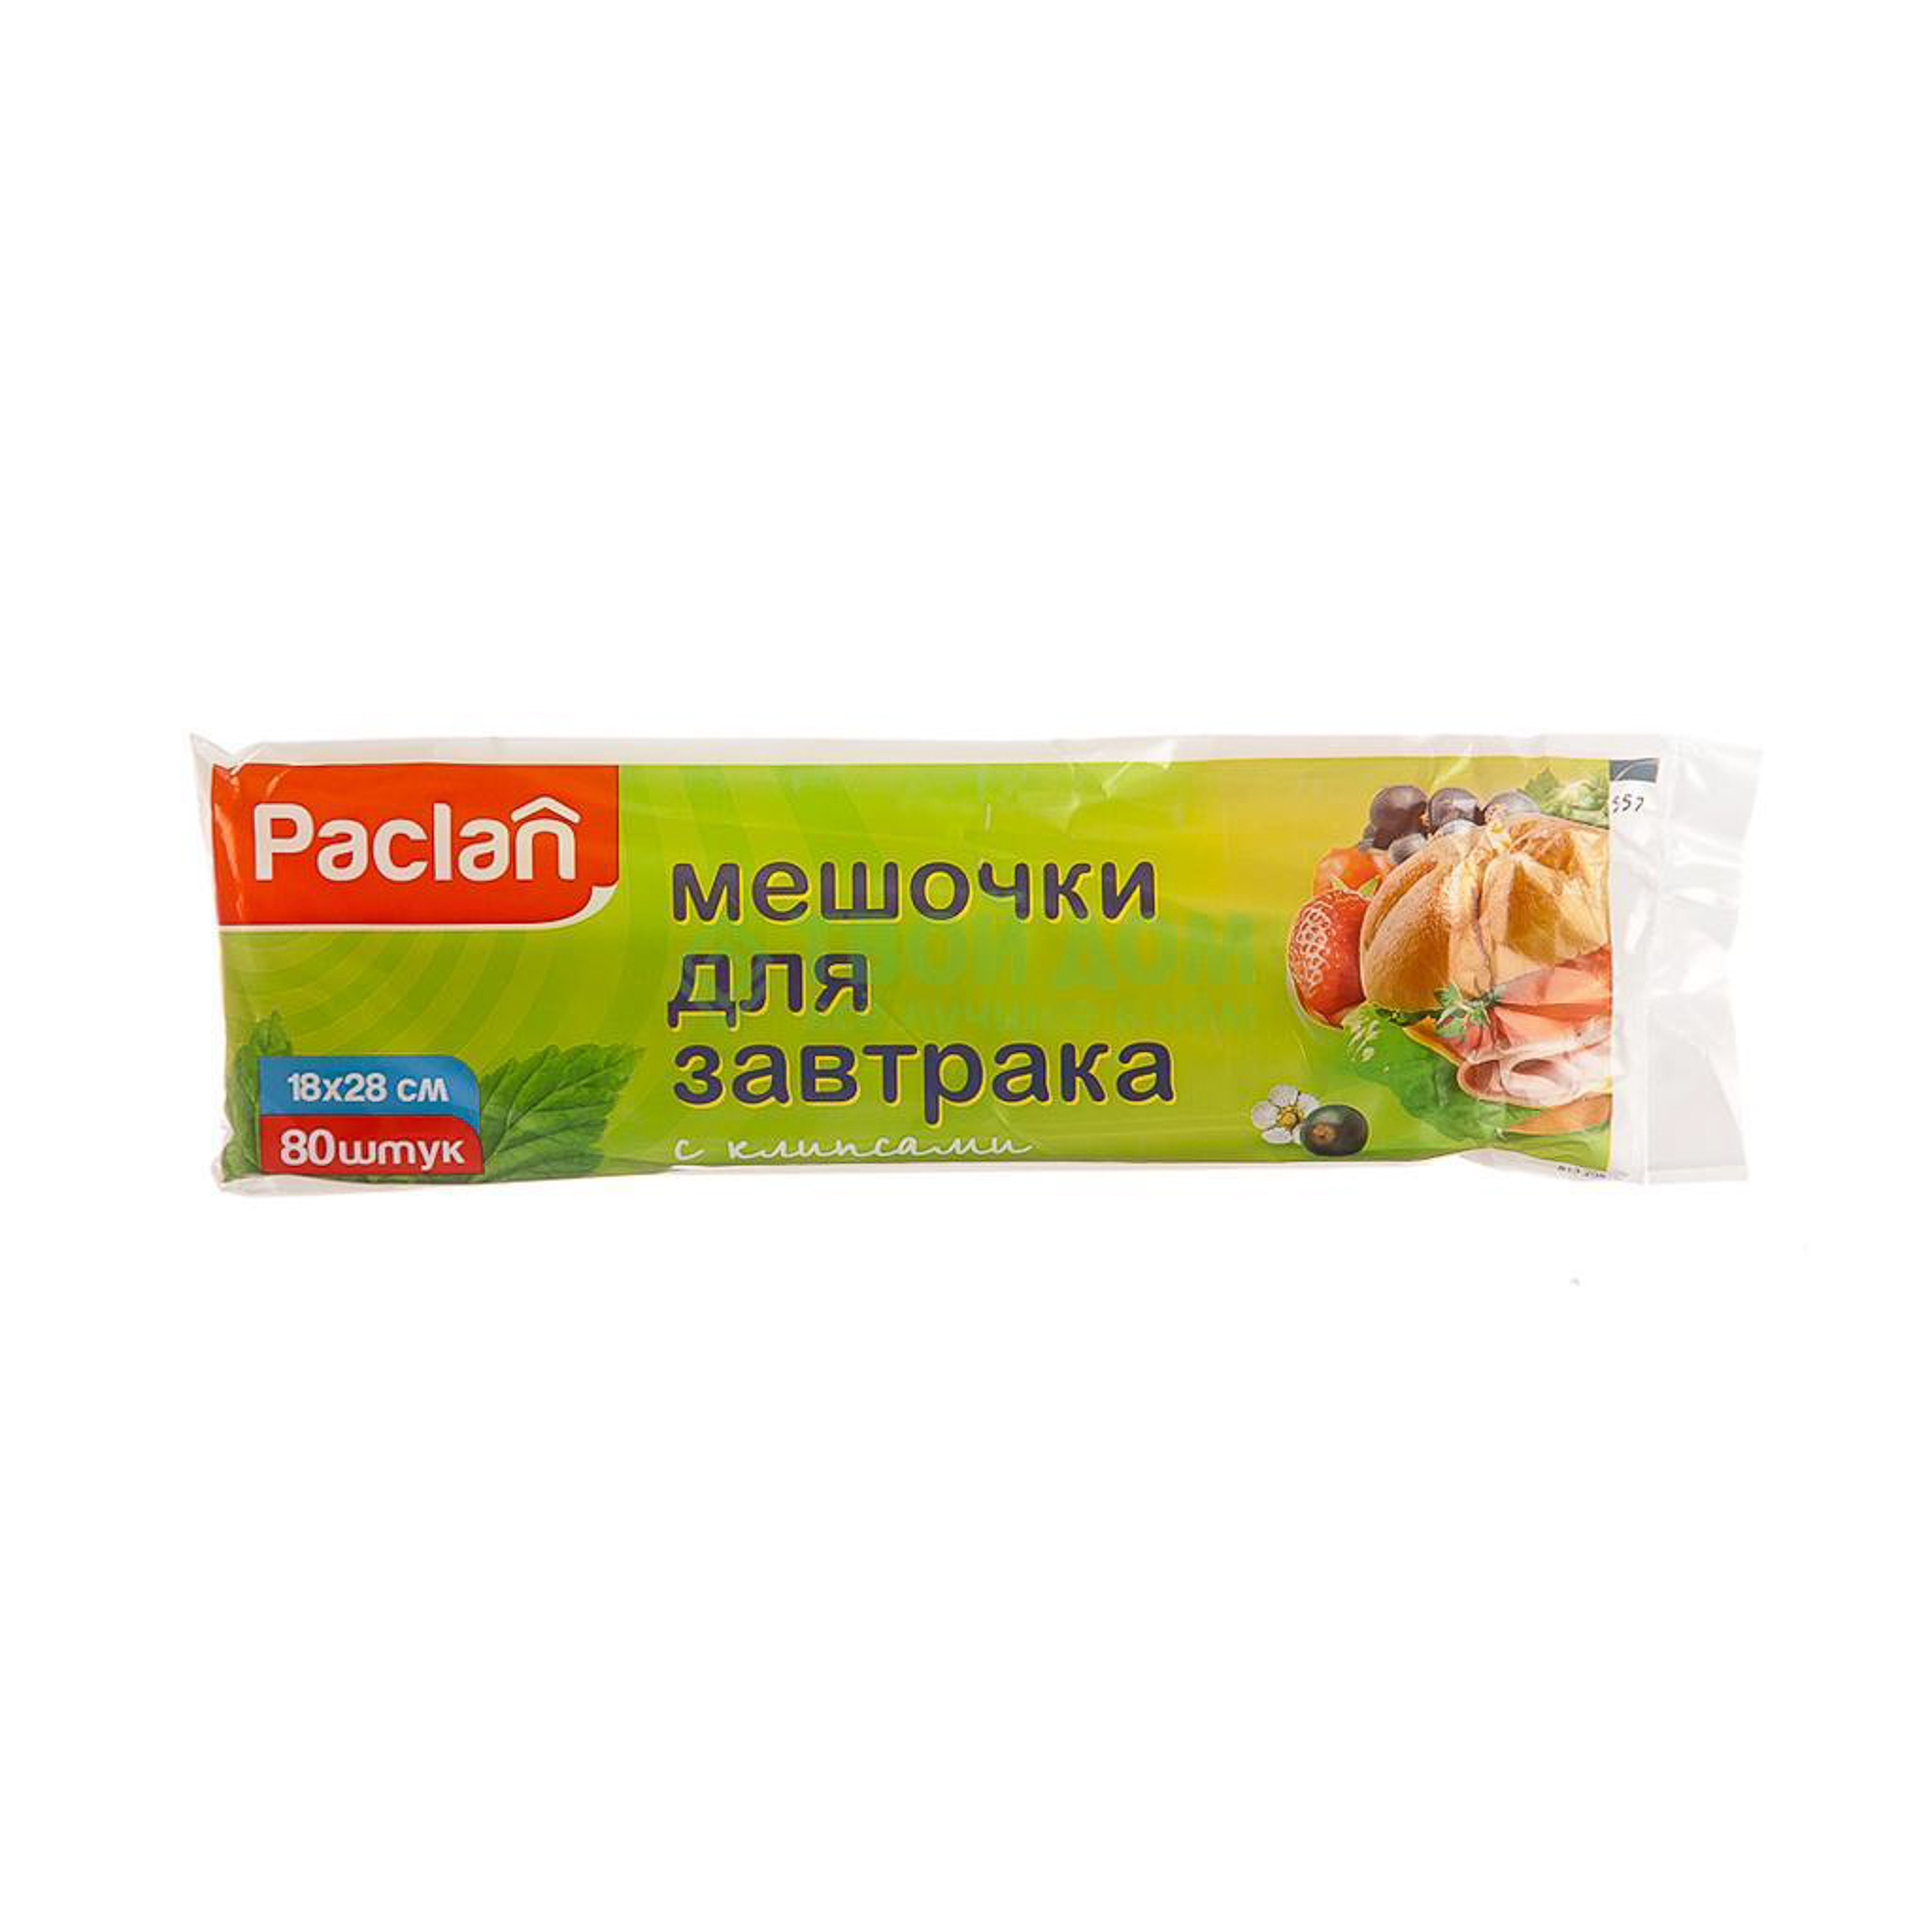 Paclan Мешочки для завтрака 18х28 см 80шт.